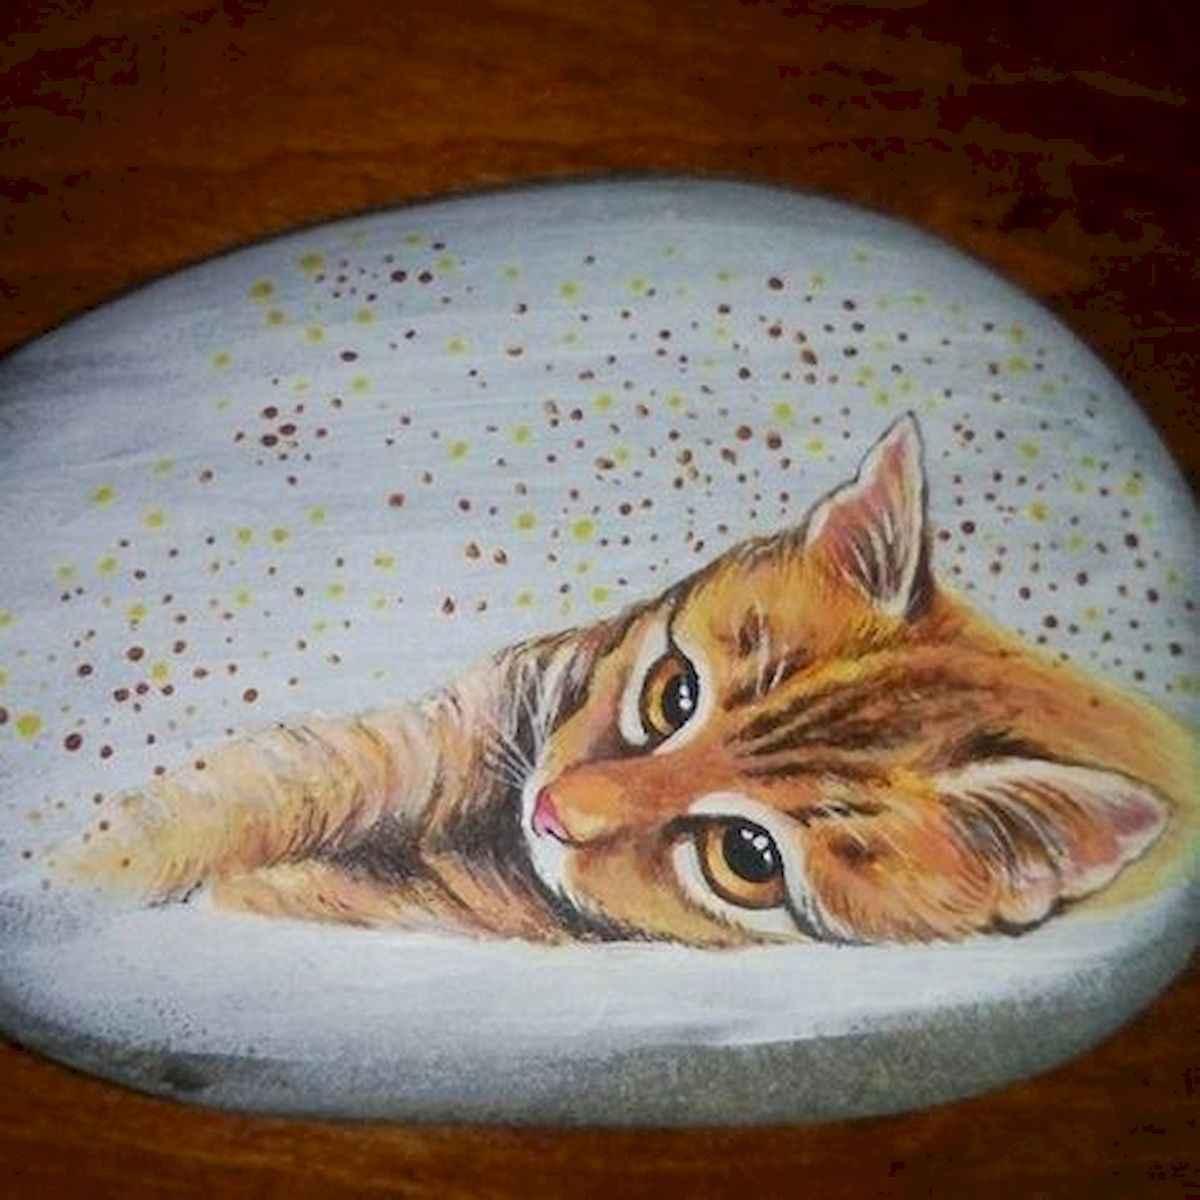 50 Inspiring DIY Painted Rocks Animals Cats for Summer Ideas (9)